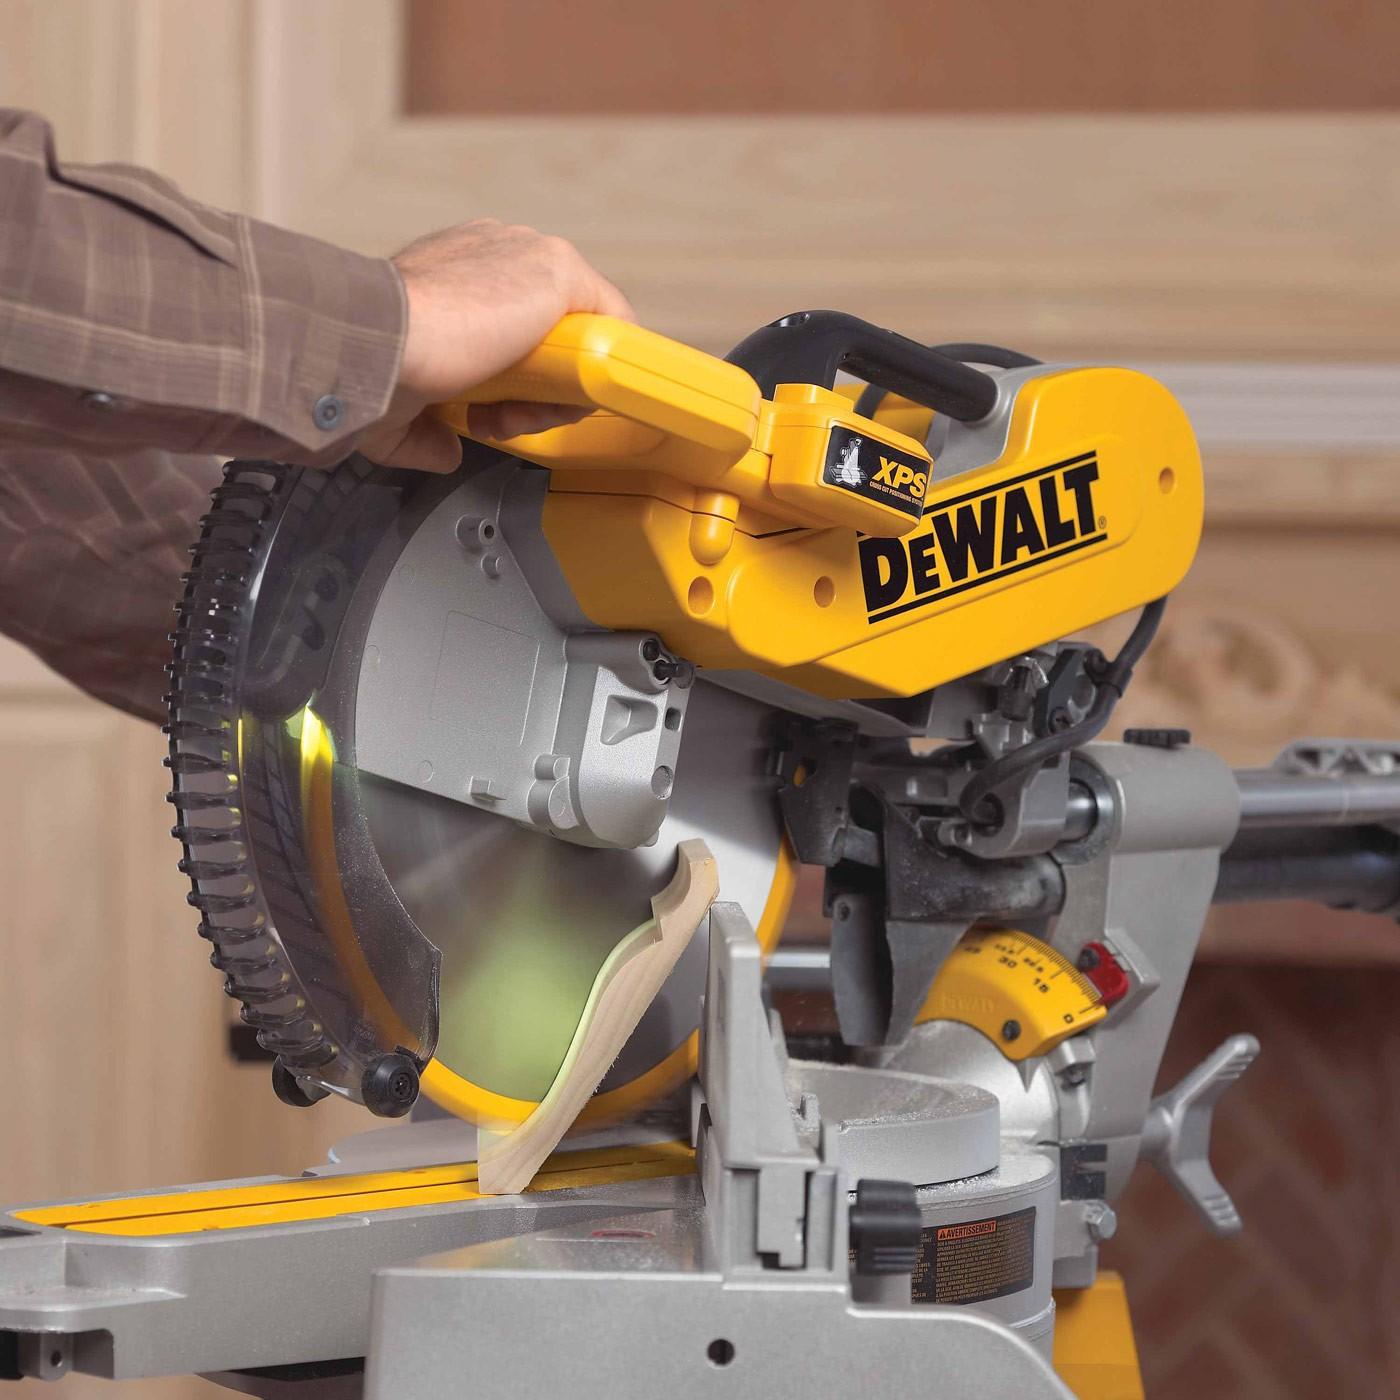 Dewalt Dws780 12 Quot Double Bevel Sliding Compound Miter Saw